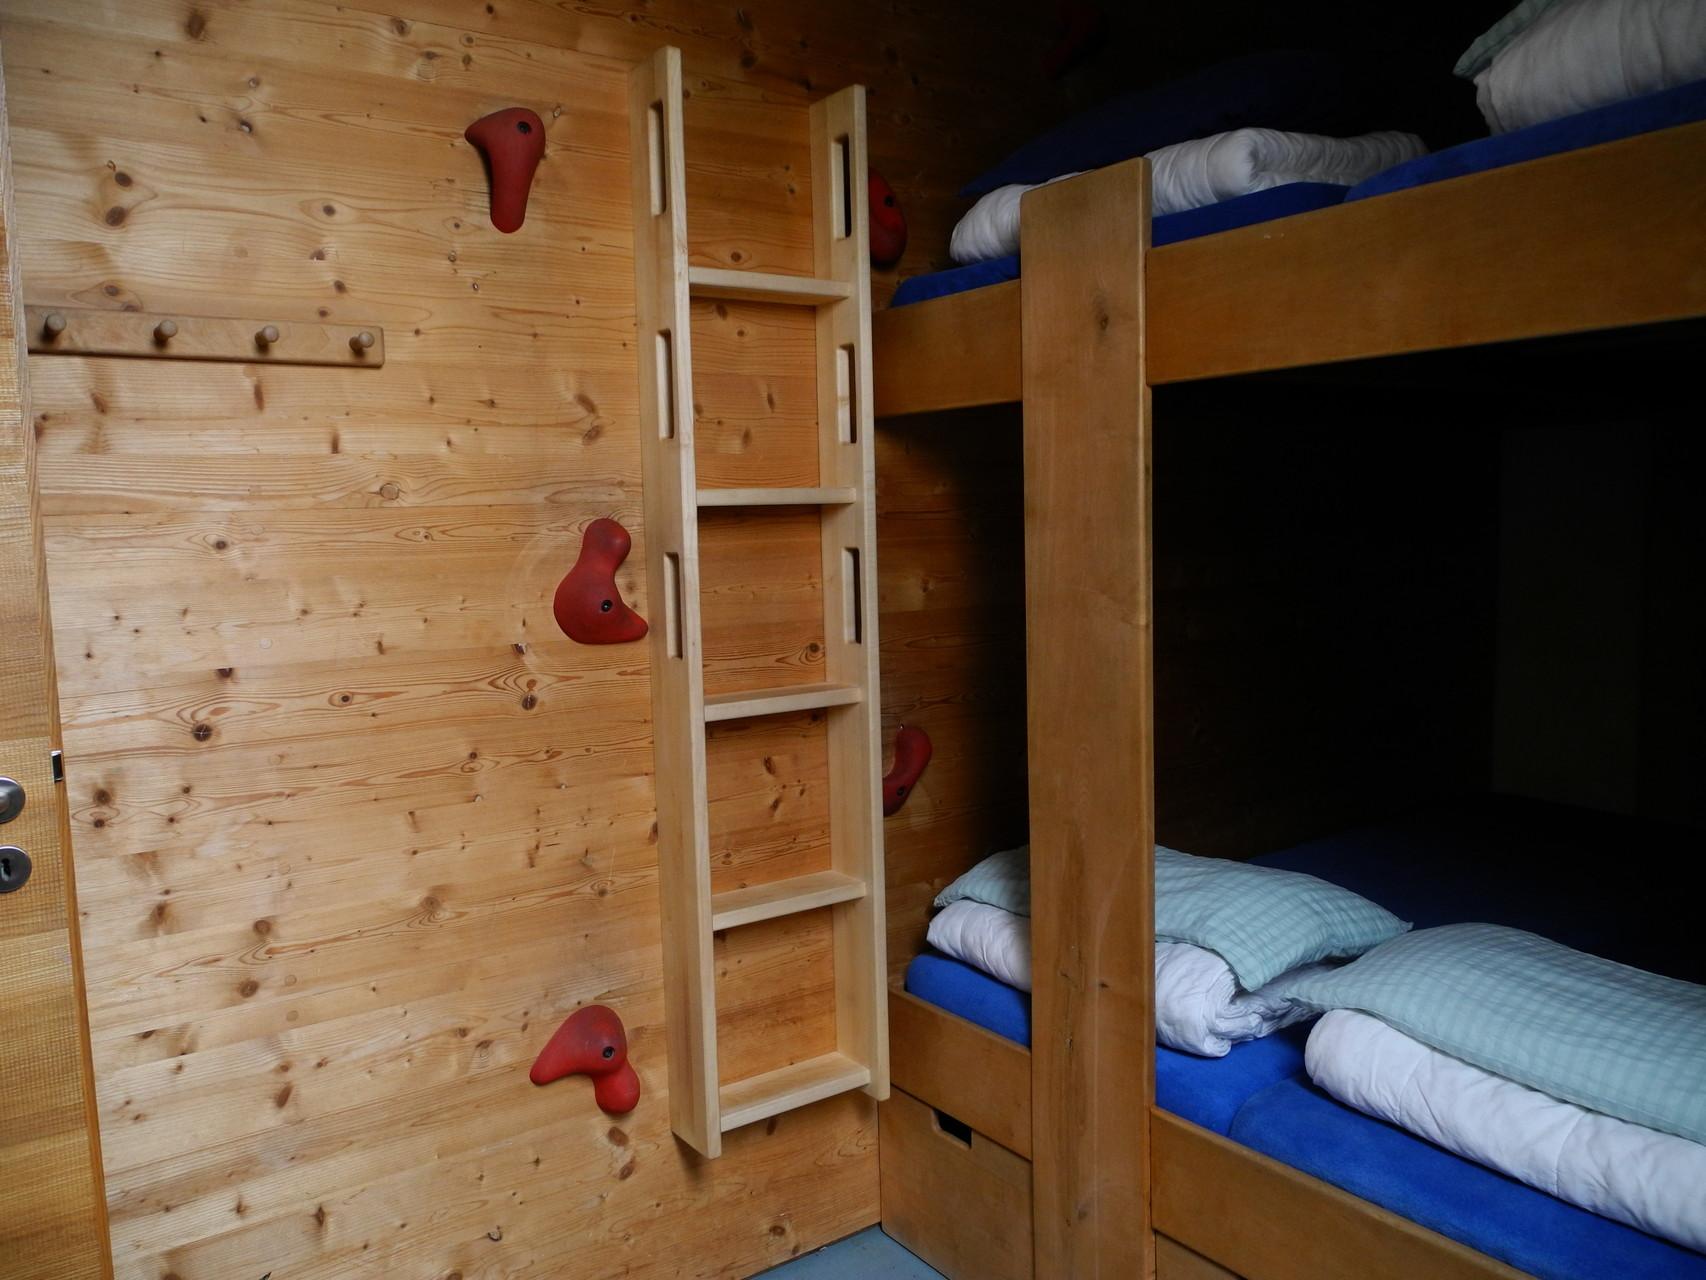 Trennwand in Massivholz mit Leiter für Stockbett in einer Jugendbildungsstätte